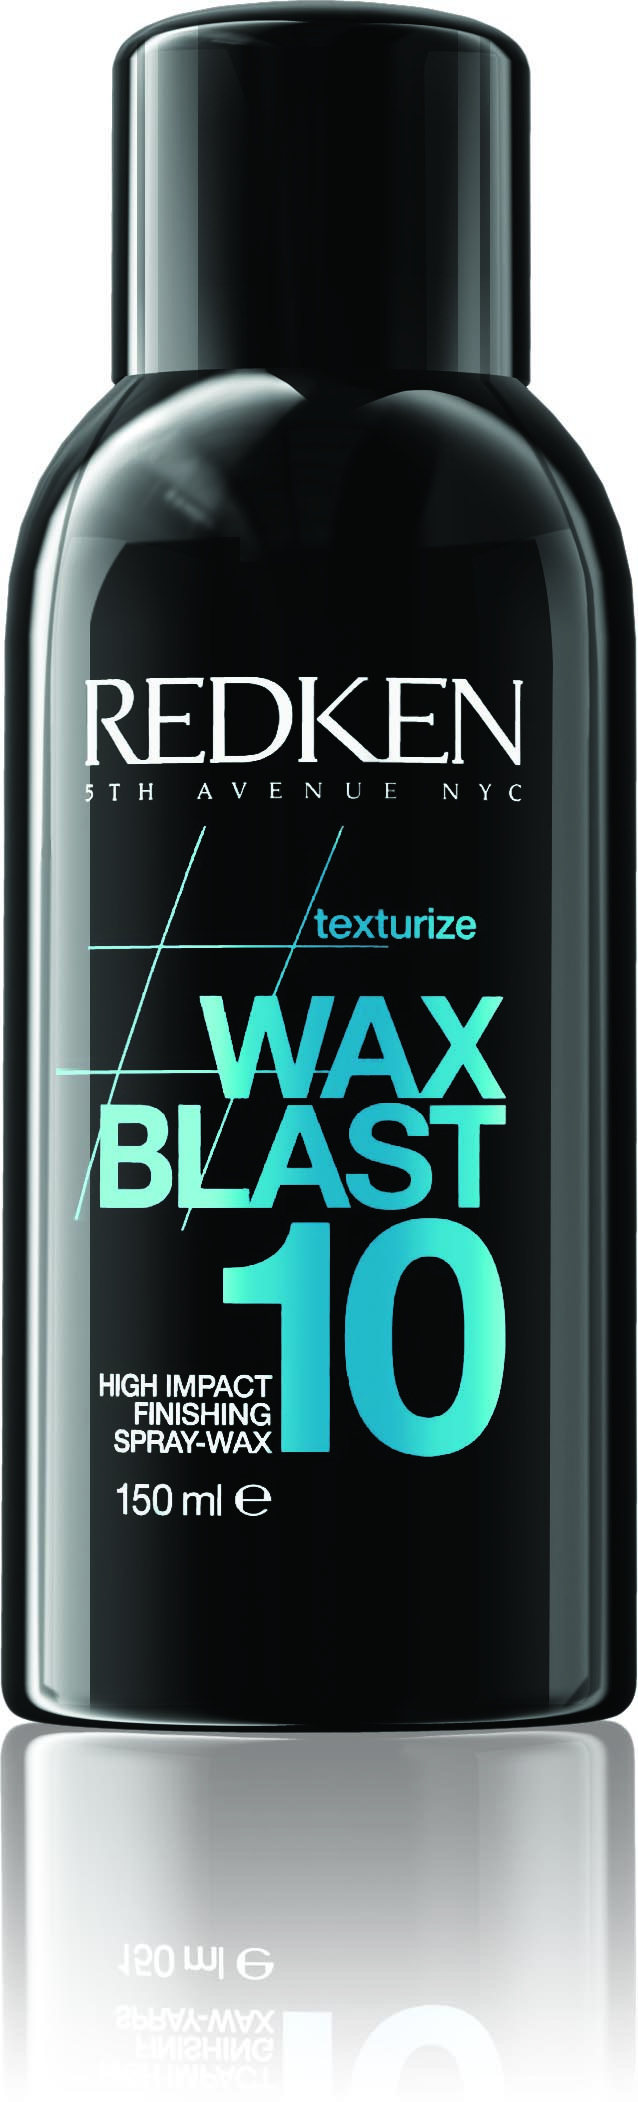 Redken Waxblast10 RRP$38